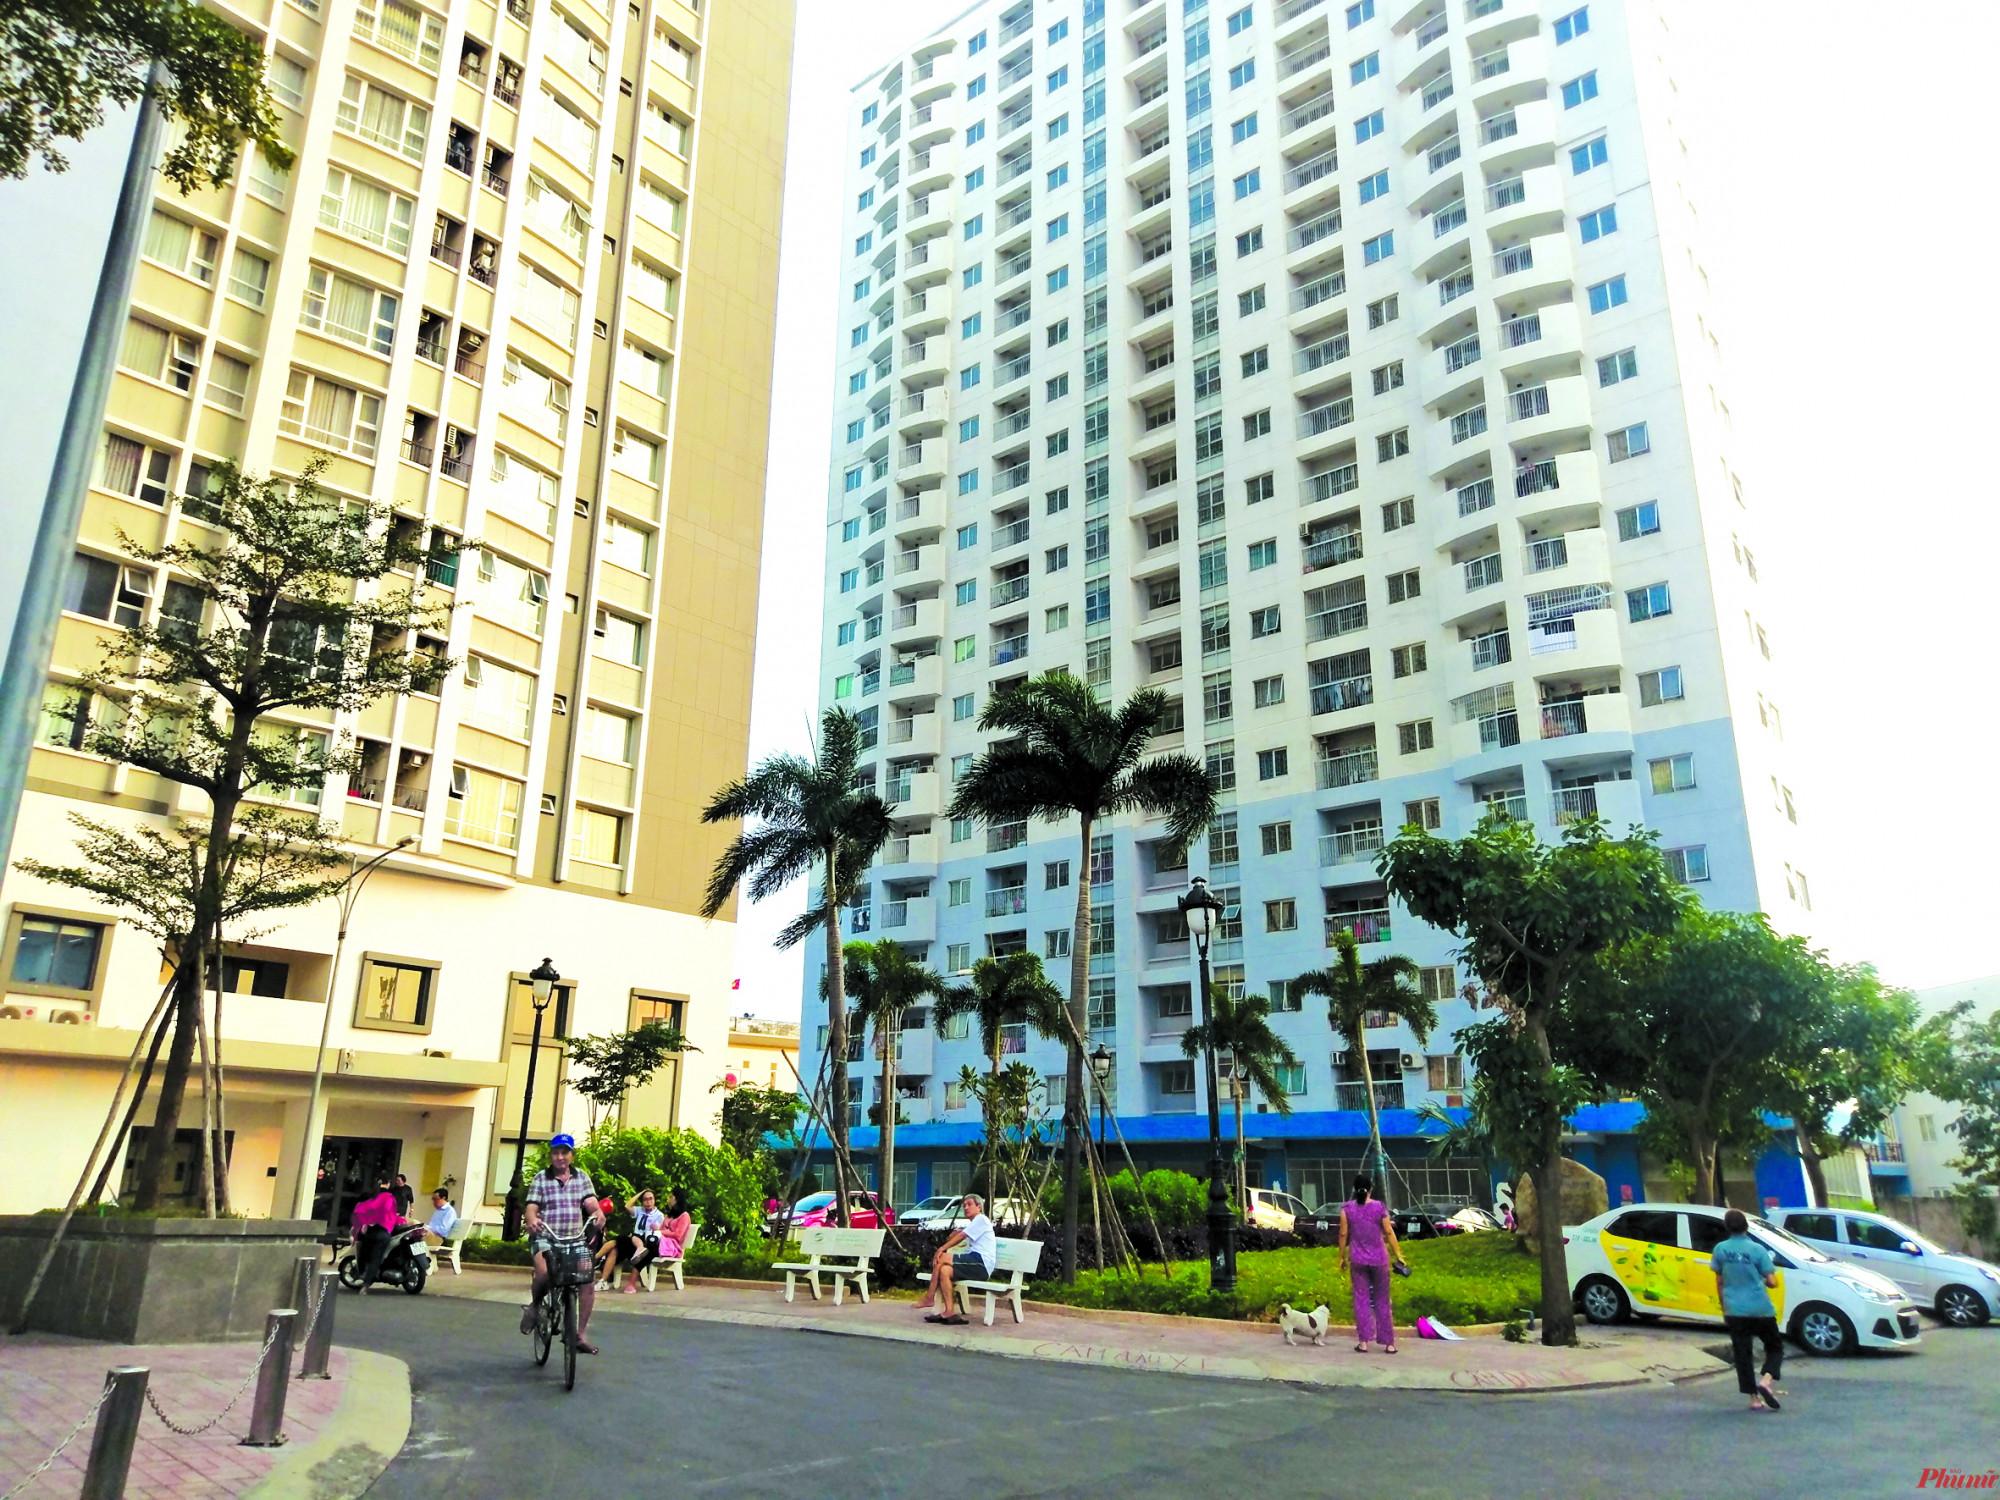 Khu tái định cư 243 Tân Hòa Đông, nhà mới của người có chung cư cũ Khu tái định cư 243 Tân Hòa Đông, nhà mới của người có chung cư cũ